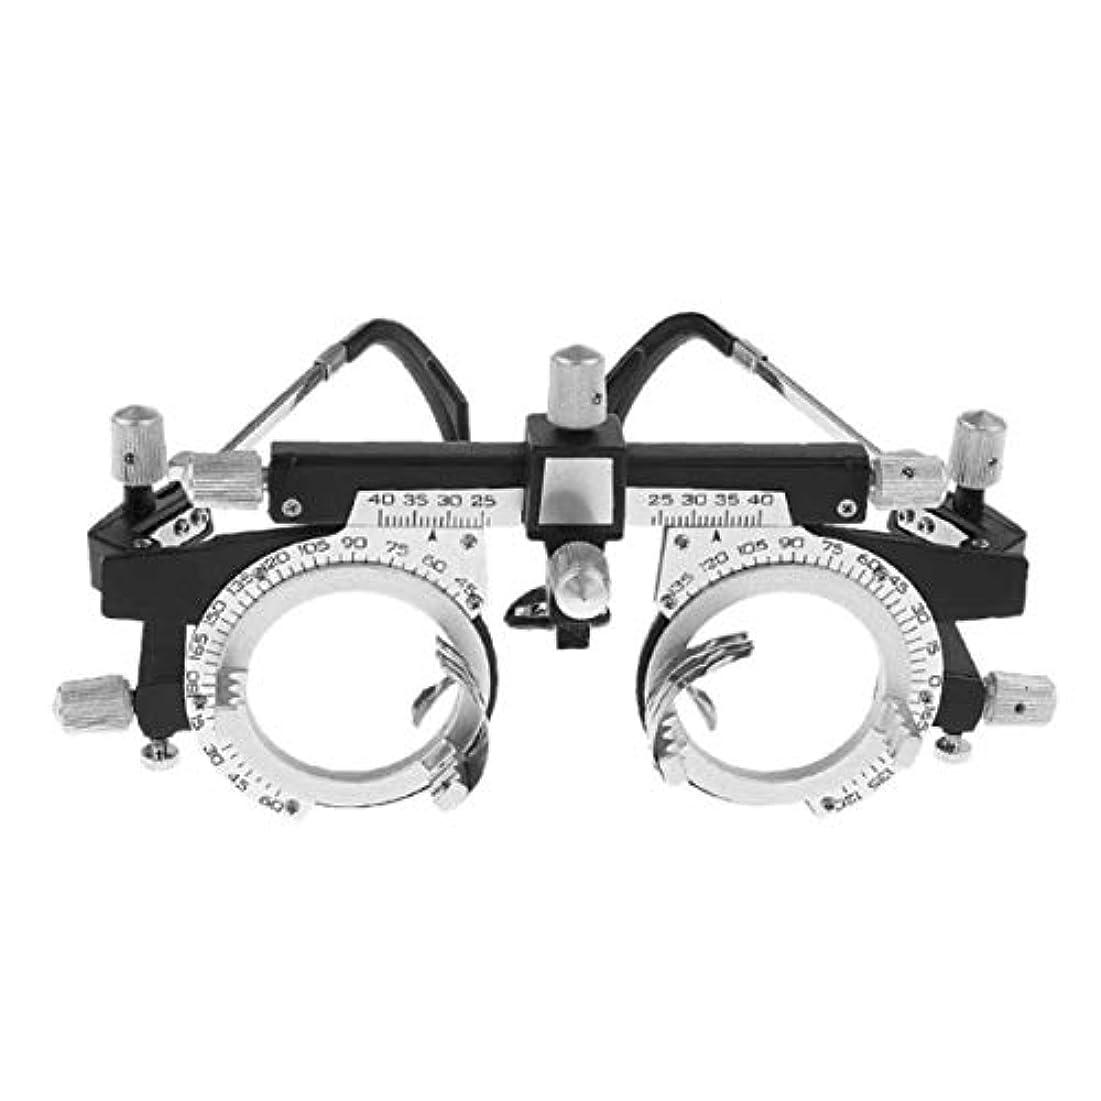 人気の苦痛プレート調整可能なプロフェッショナルアイウェア検眼メタルフレーム光学眼鏡眼鏡トライアルレンズメタルフレームPD眼鏡アクセサリー-シルバー&ブラック